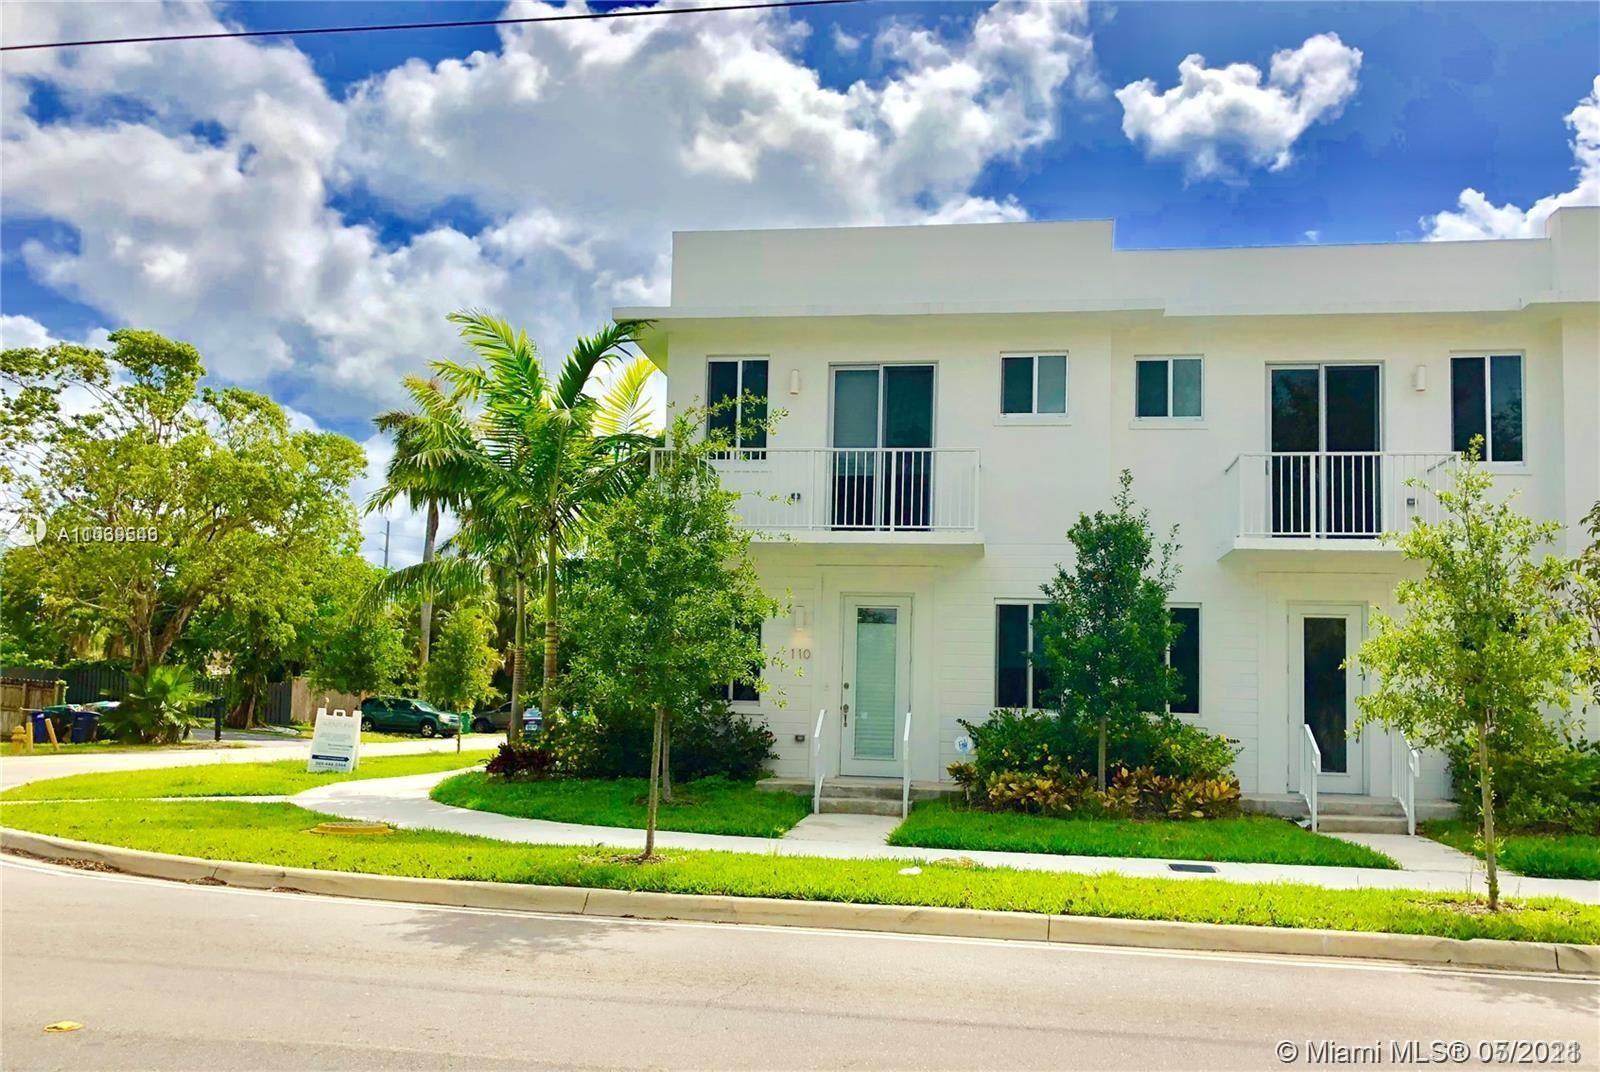 Photo of 2601 NE 212th Ter #110, Miami, FL 33180 (MLS # A11039546)